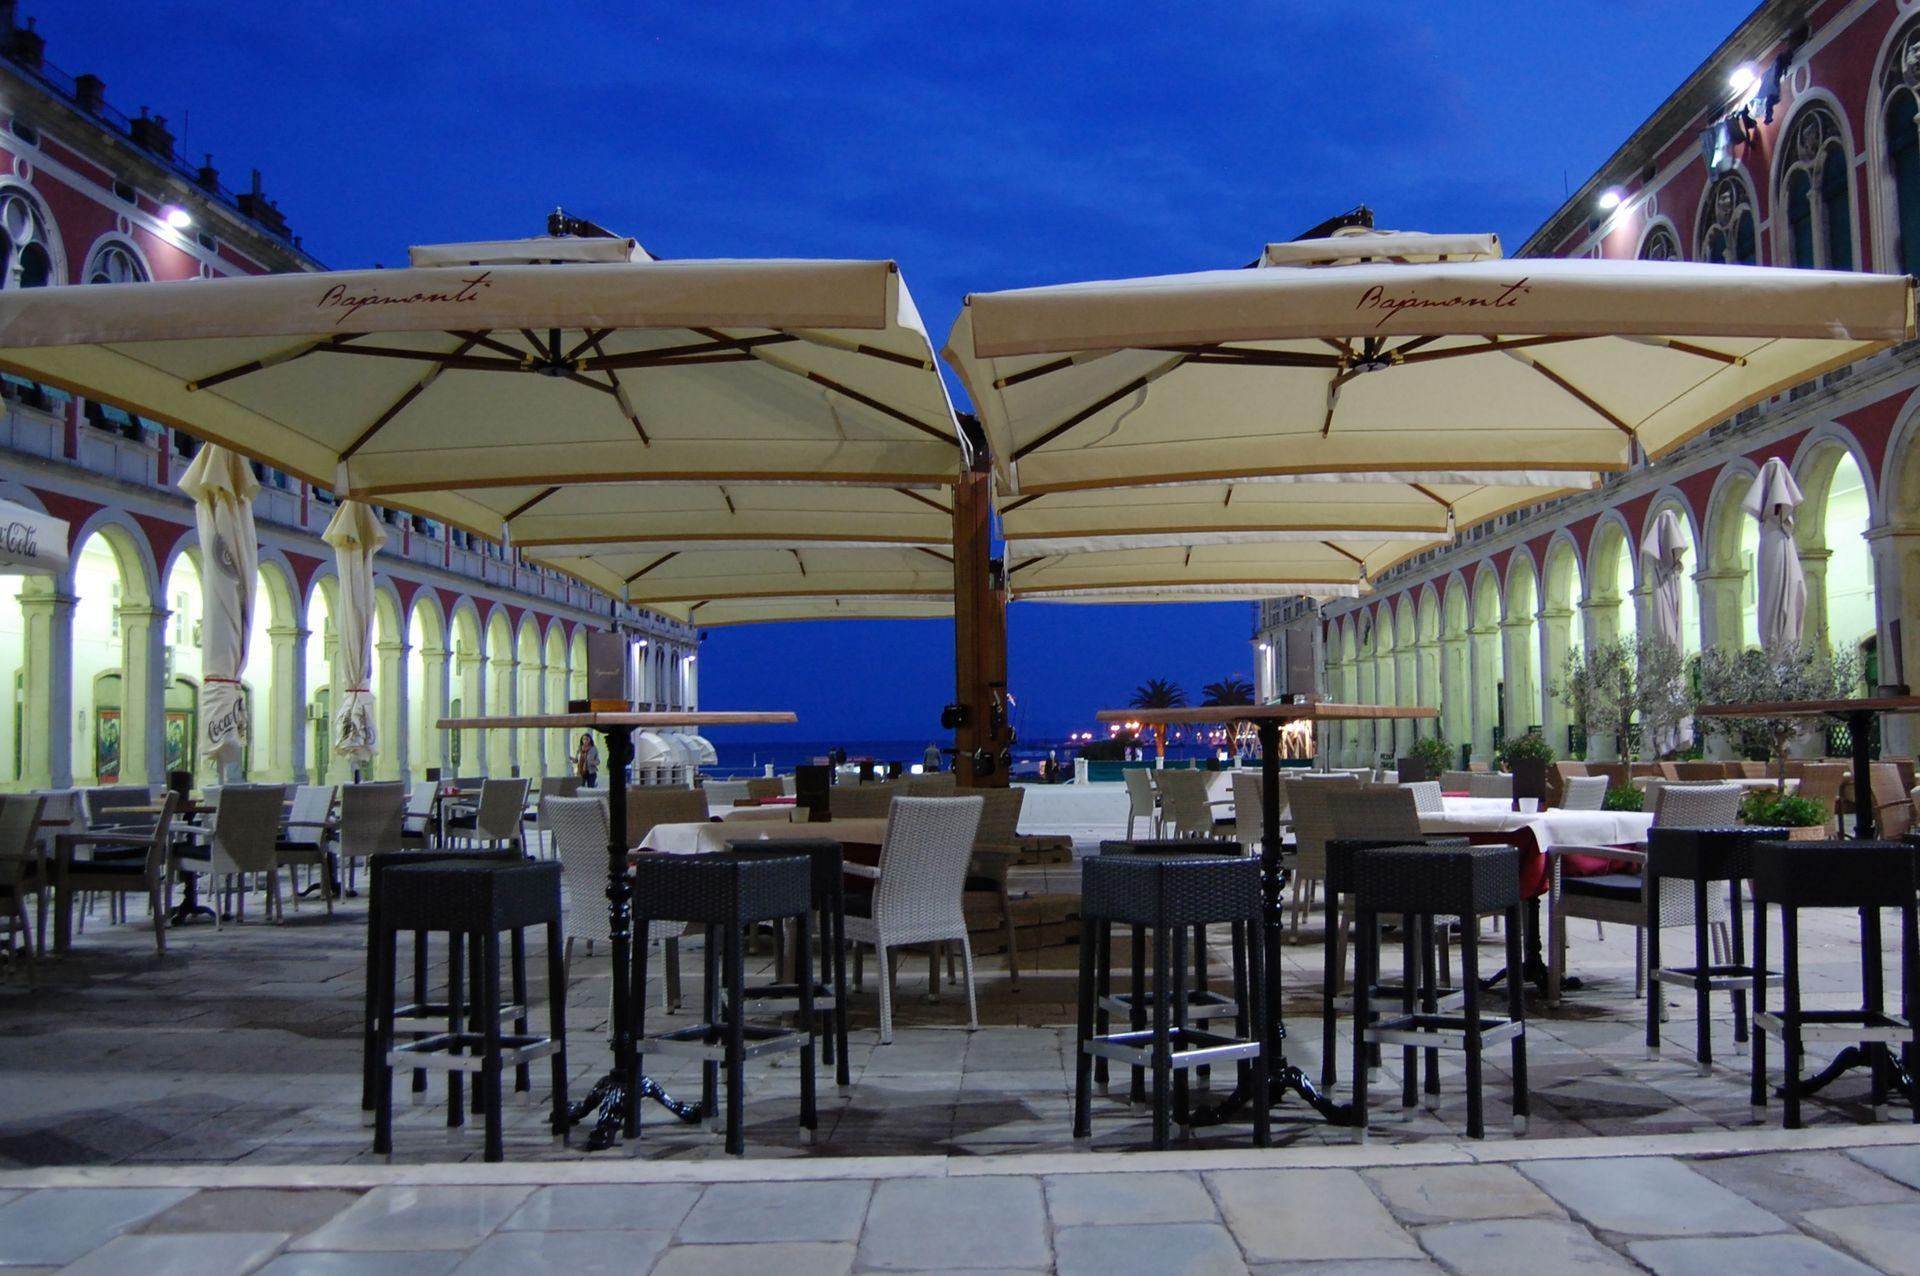 collage-four-canopies-patio-umbrella-12